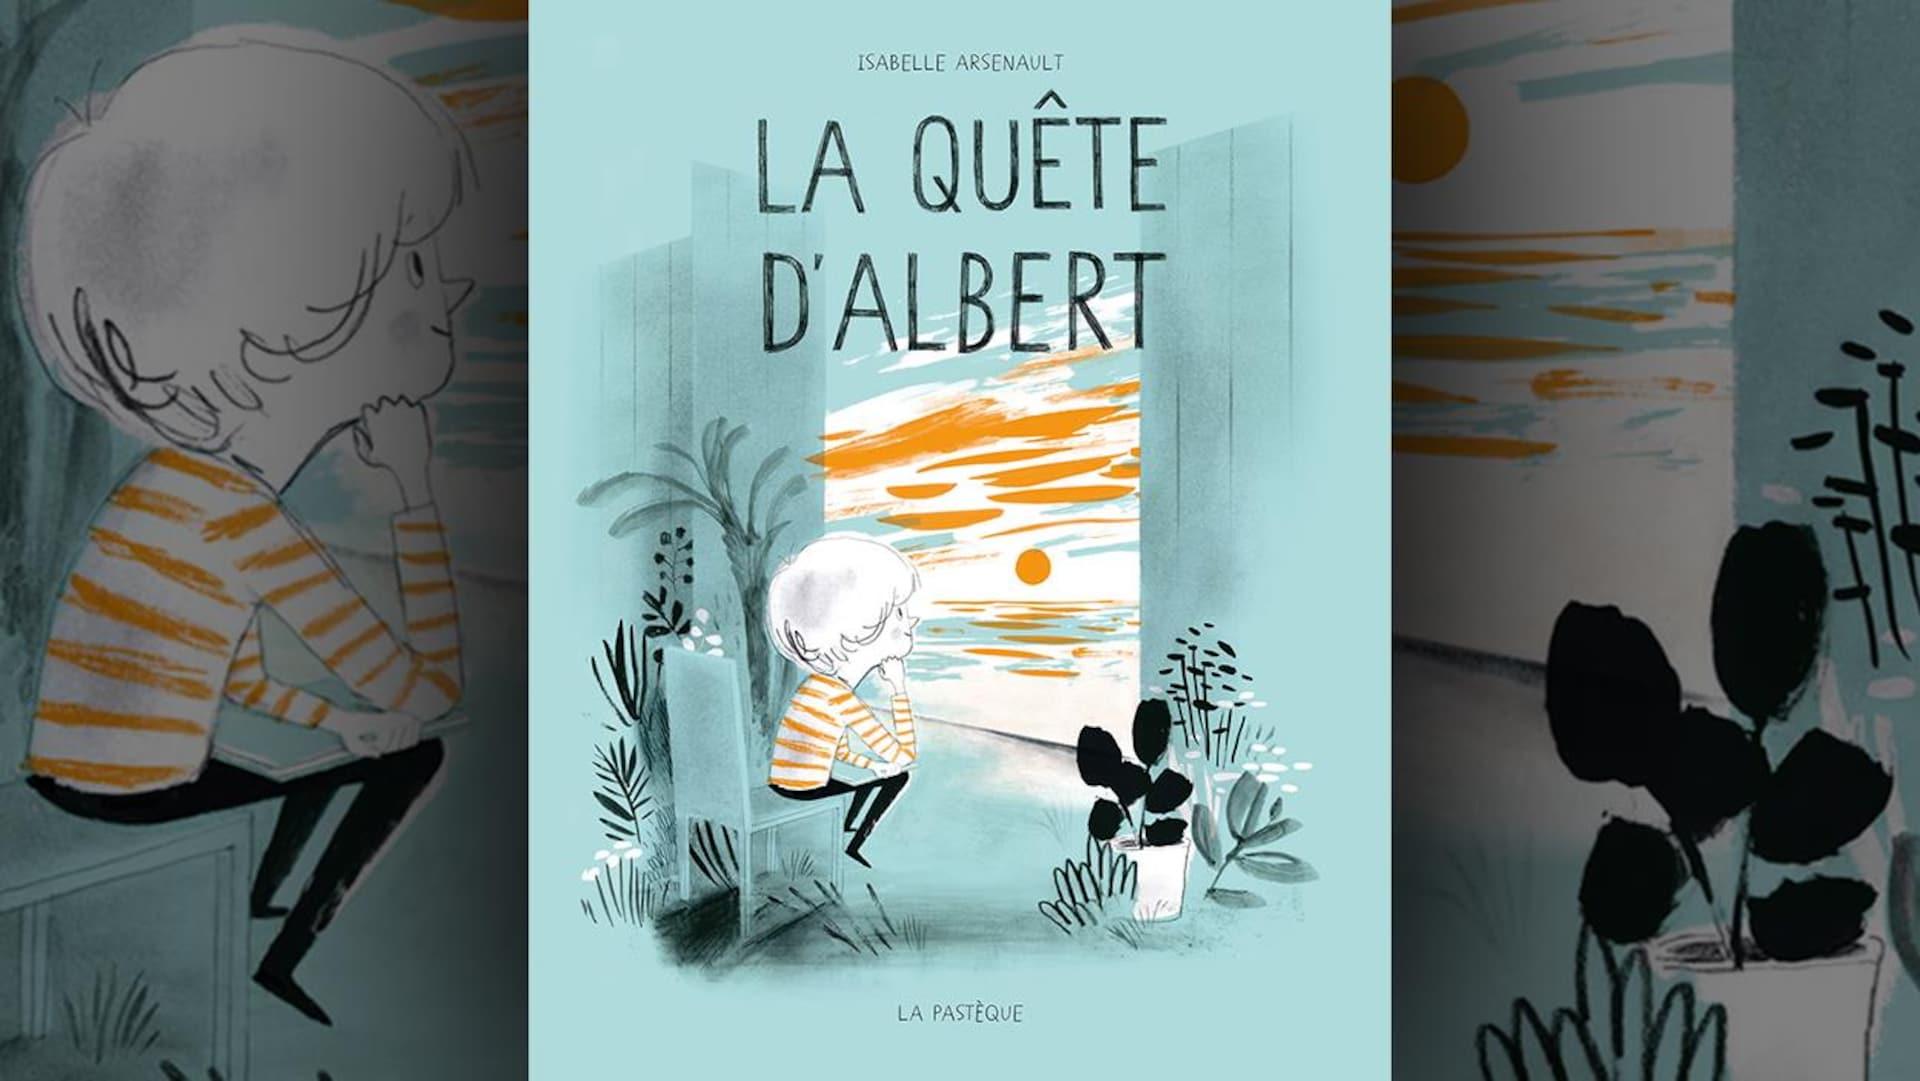 Sur la couverture du livre  La quête d'Albert , d'Isabelle Arsenault, est dessiné un enfant vêtu d'un chandail rayé orange et blanc, assis sur une chaise, le menton appuyé sur son coude, devant une palissade de bois ouverte, regardant un coucher de soleil.